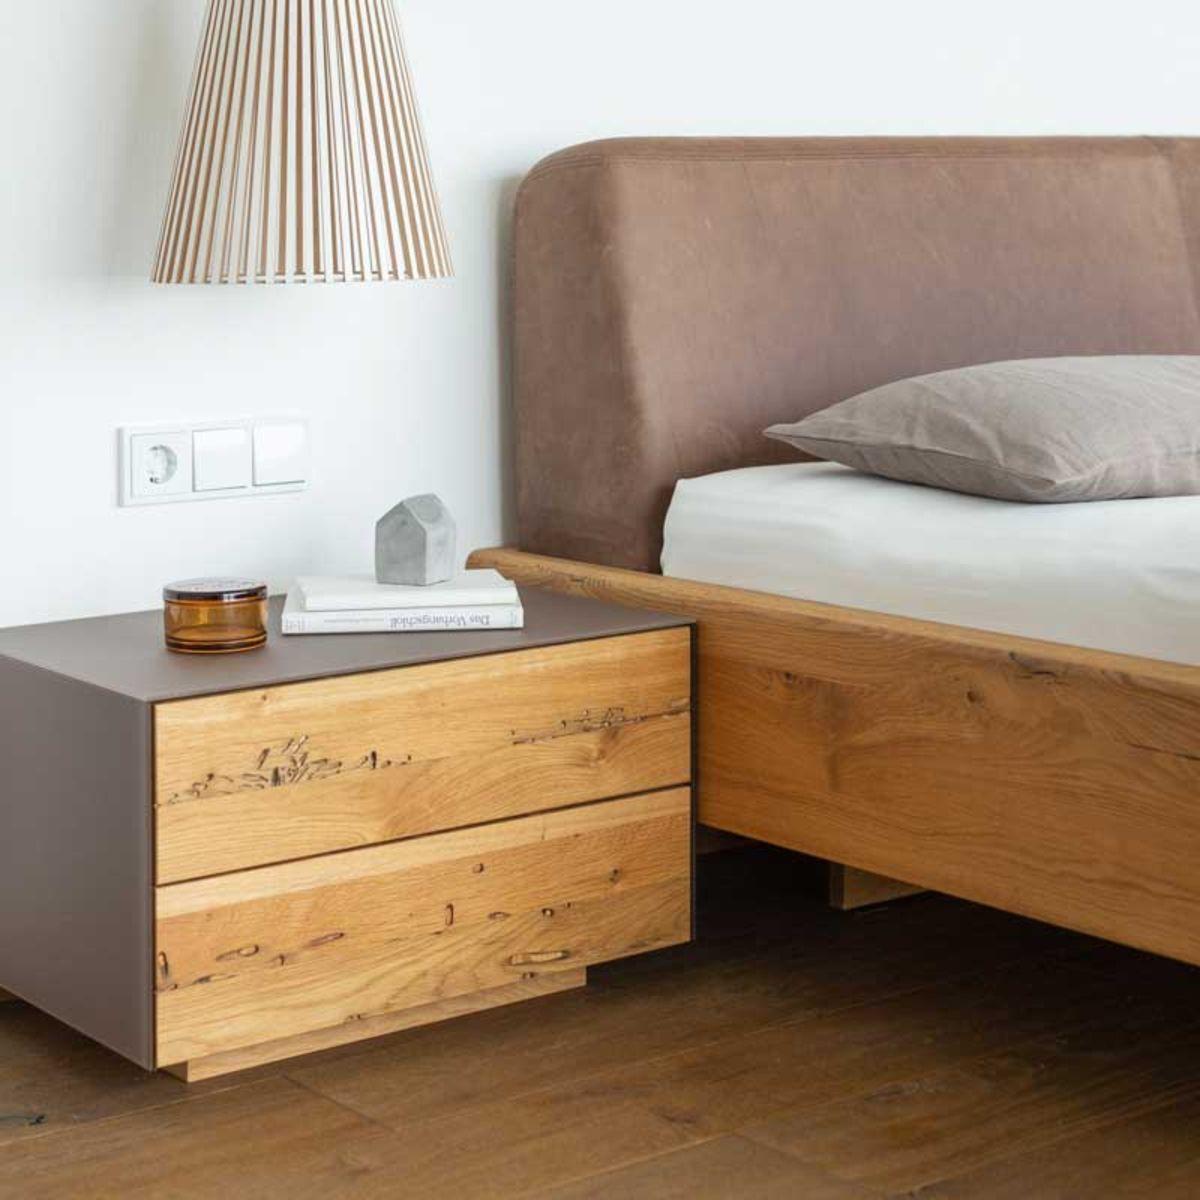 nox Bett mit cubus pure Nachtkästchen von TEAM 7 Frankfurt